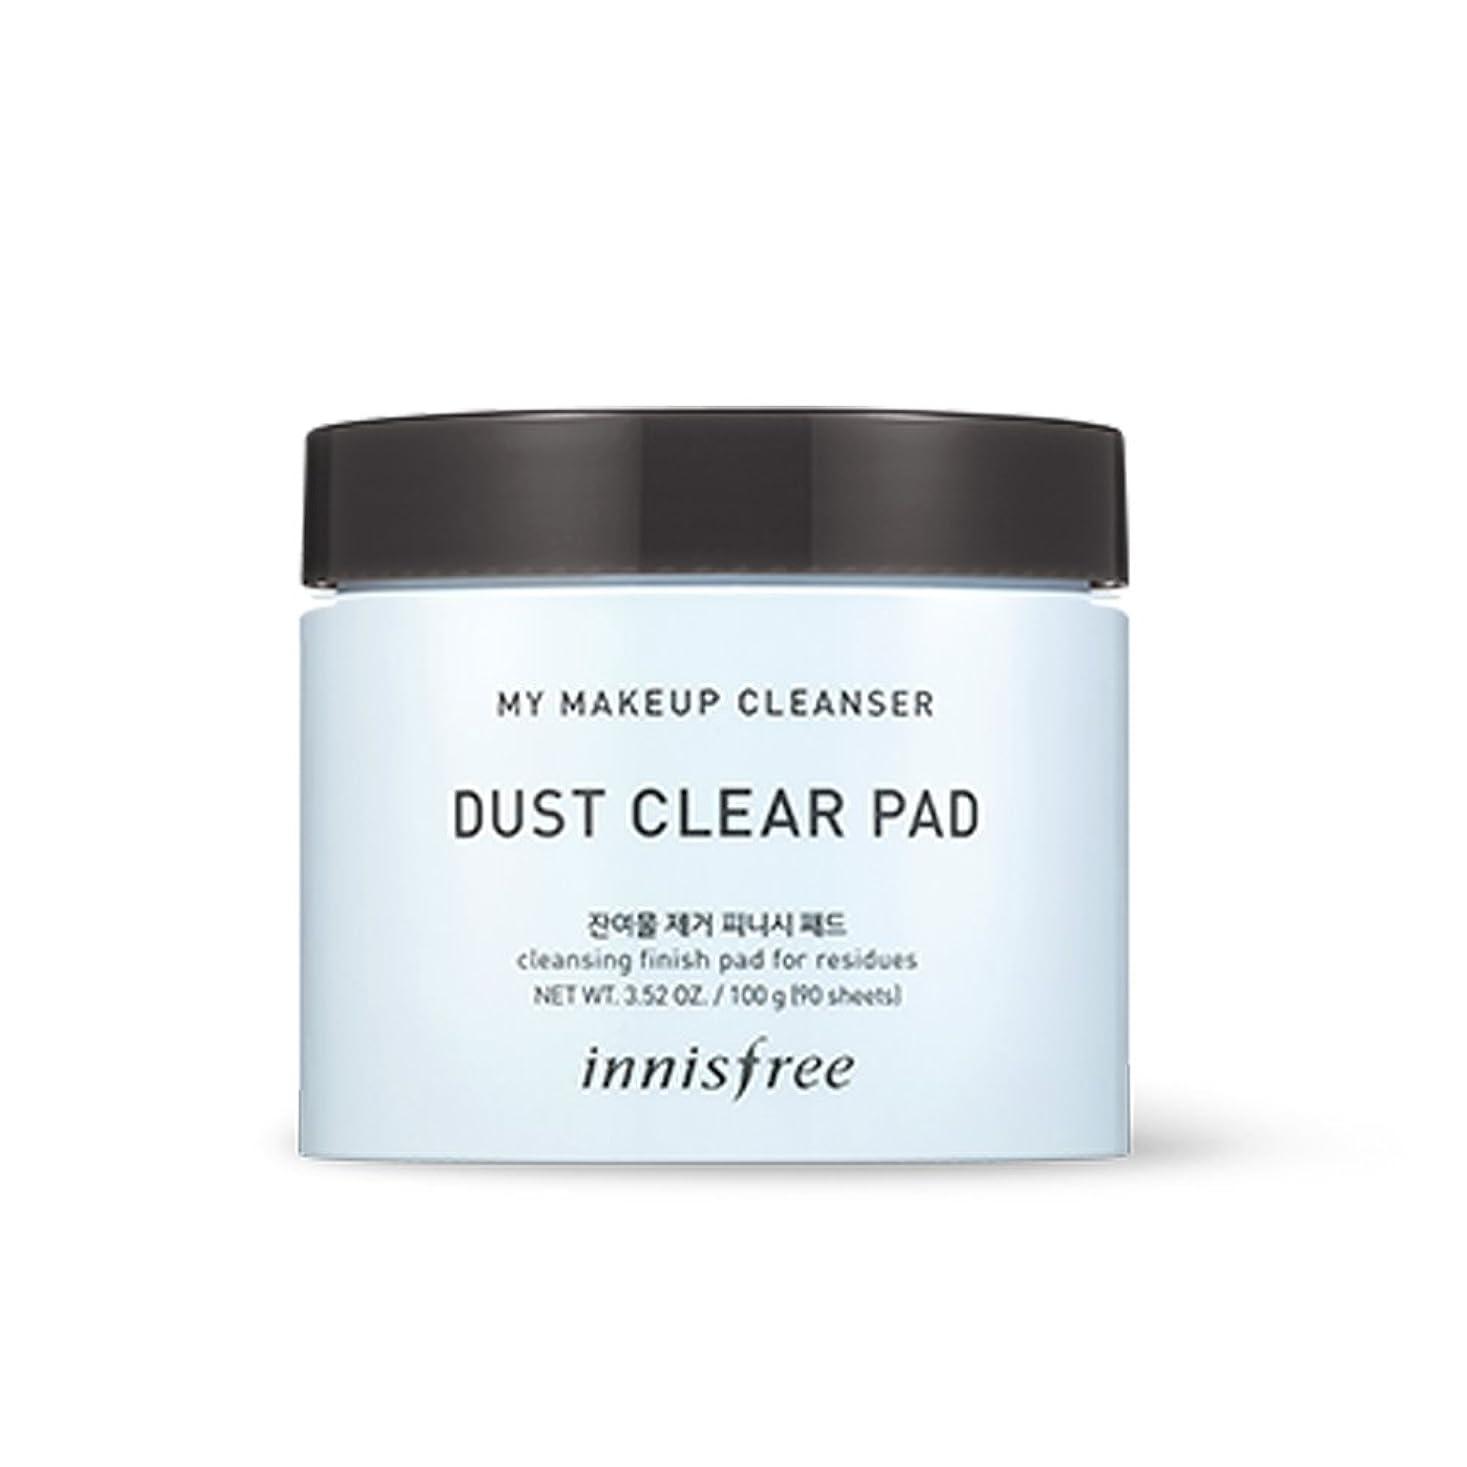 発送うぬぼれ使い込むイニスフリーマイメイクアップクレンザー - ダストクリアパッド90ea x 1個 Innisfree My Makeup Cleanser - Dust Clear Pad 90ea x 1pcs [海外直送品][並行輸入品]